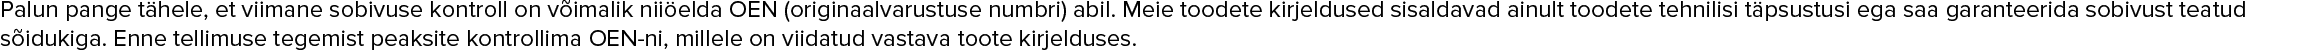 MANN-FILTER 11 00 1 300 053, 11 00 1 341 616, 11 00 2 300 053, 11 42 1 460 697, 11 42 1 460 833 Õlifilter